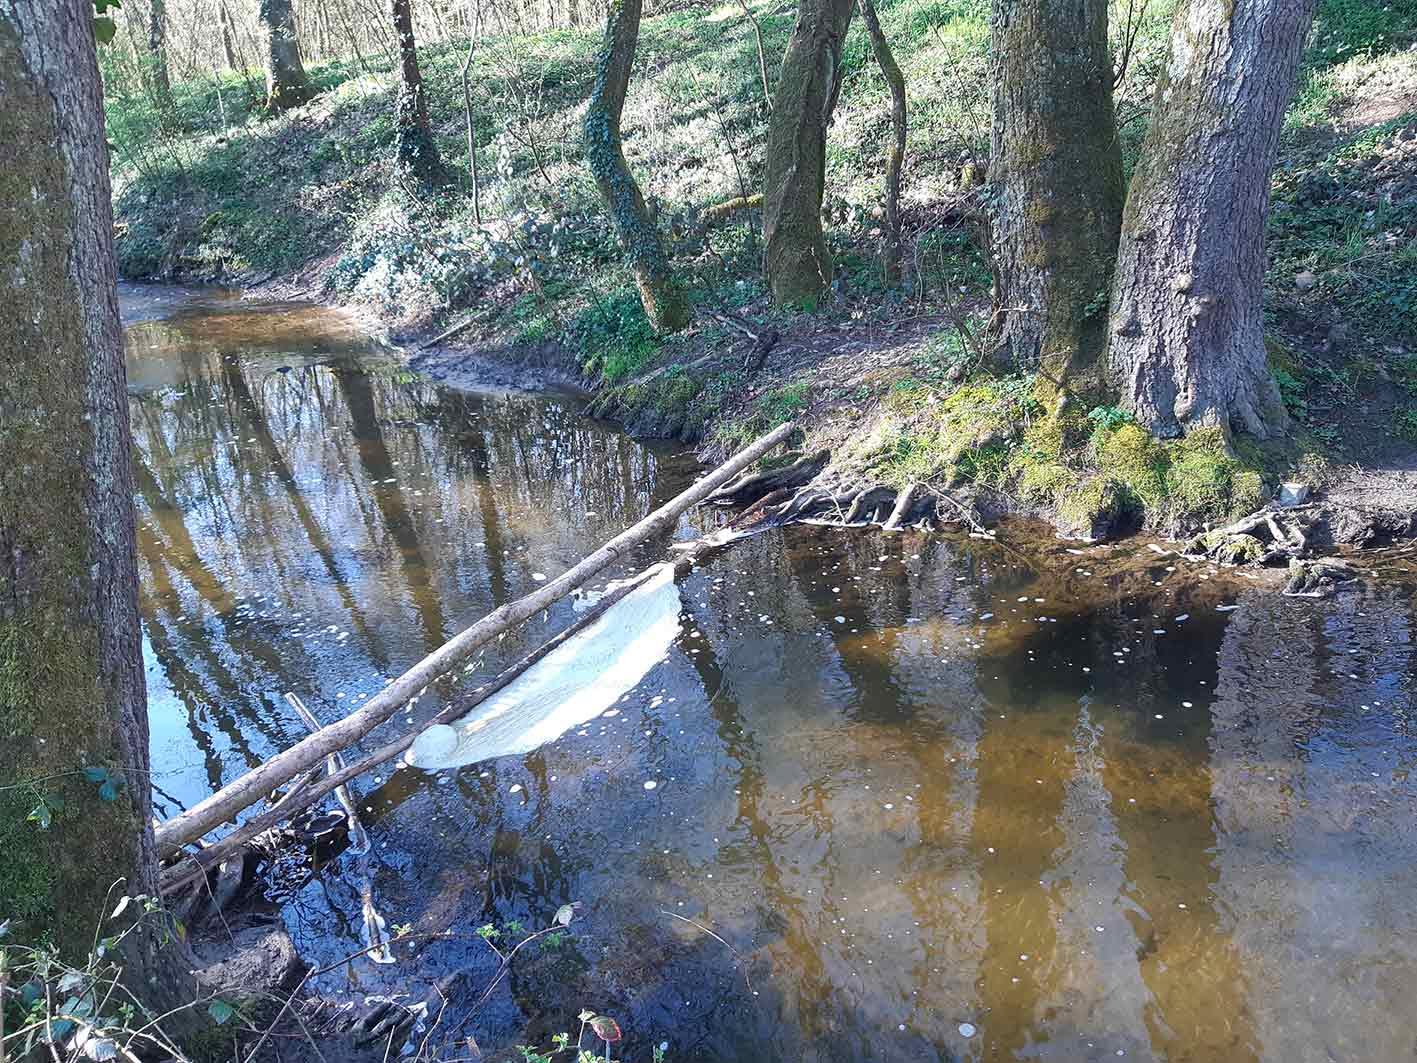 Le bois mort et la décomposition des feuilles favorisent l'apparition d'amas de mousse sur le cours d'eau.